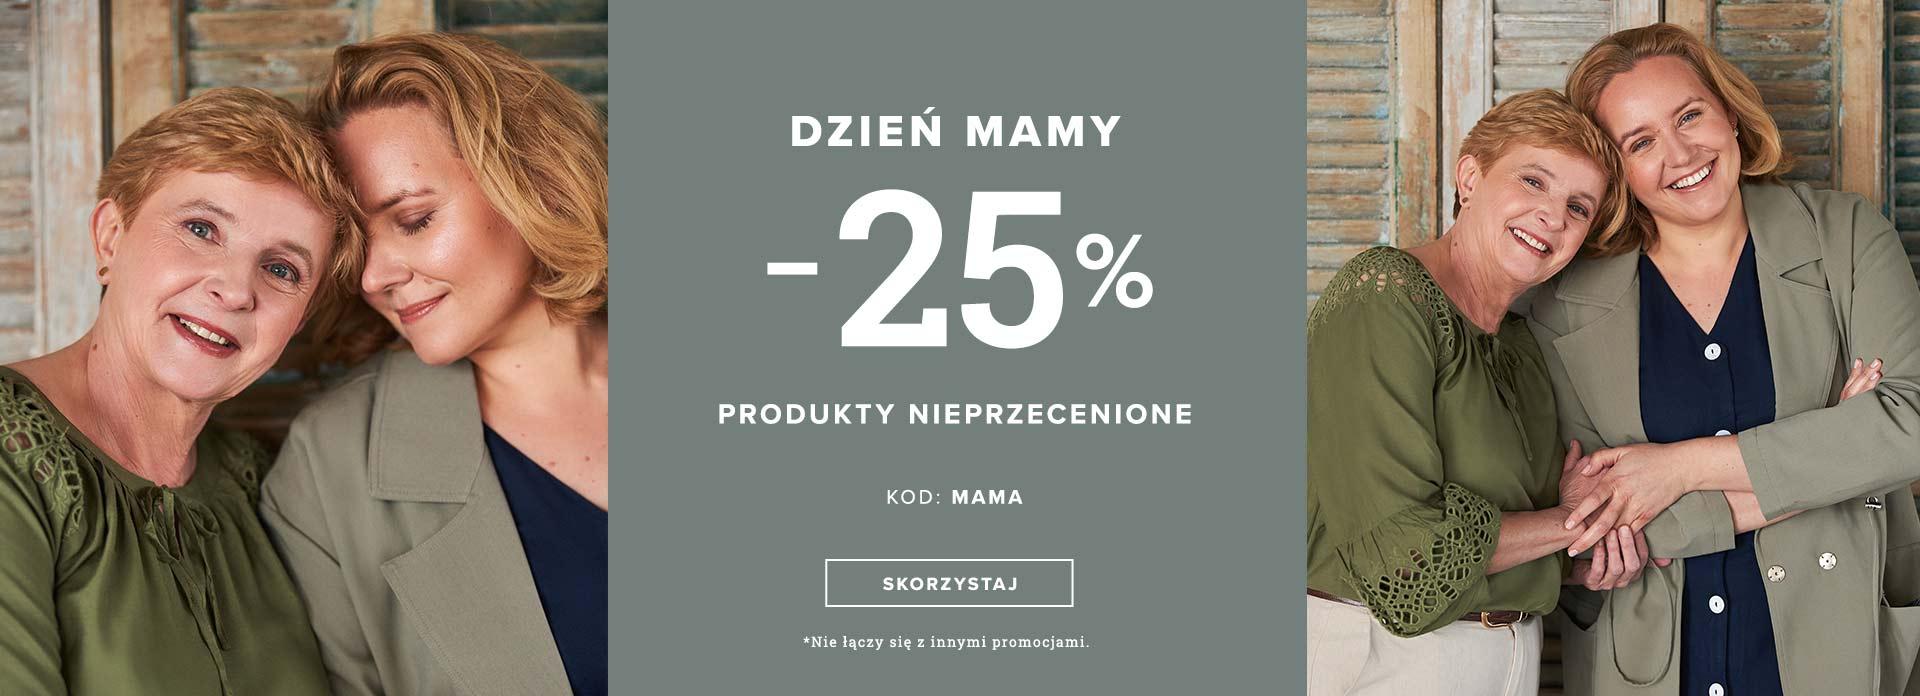 Greenpoint: 25% zniżki na produkty nieprzecenione z okazji Dnia Mamy